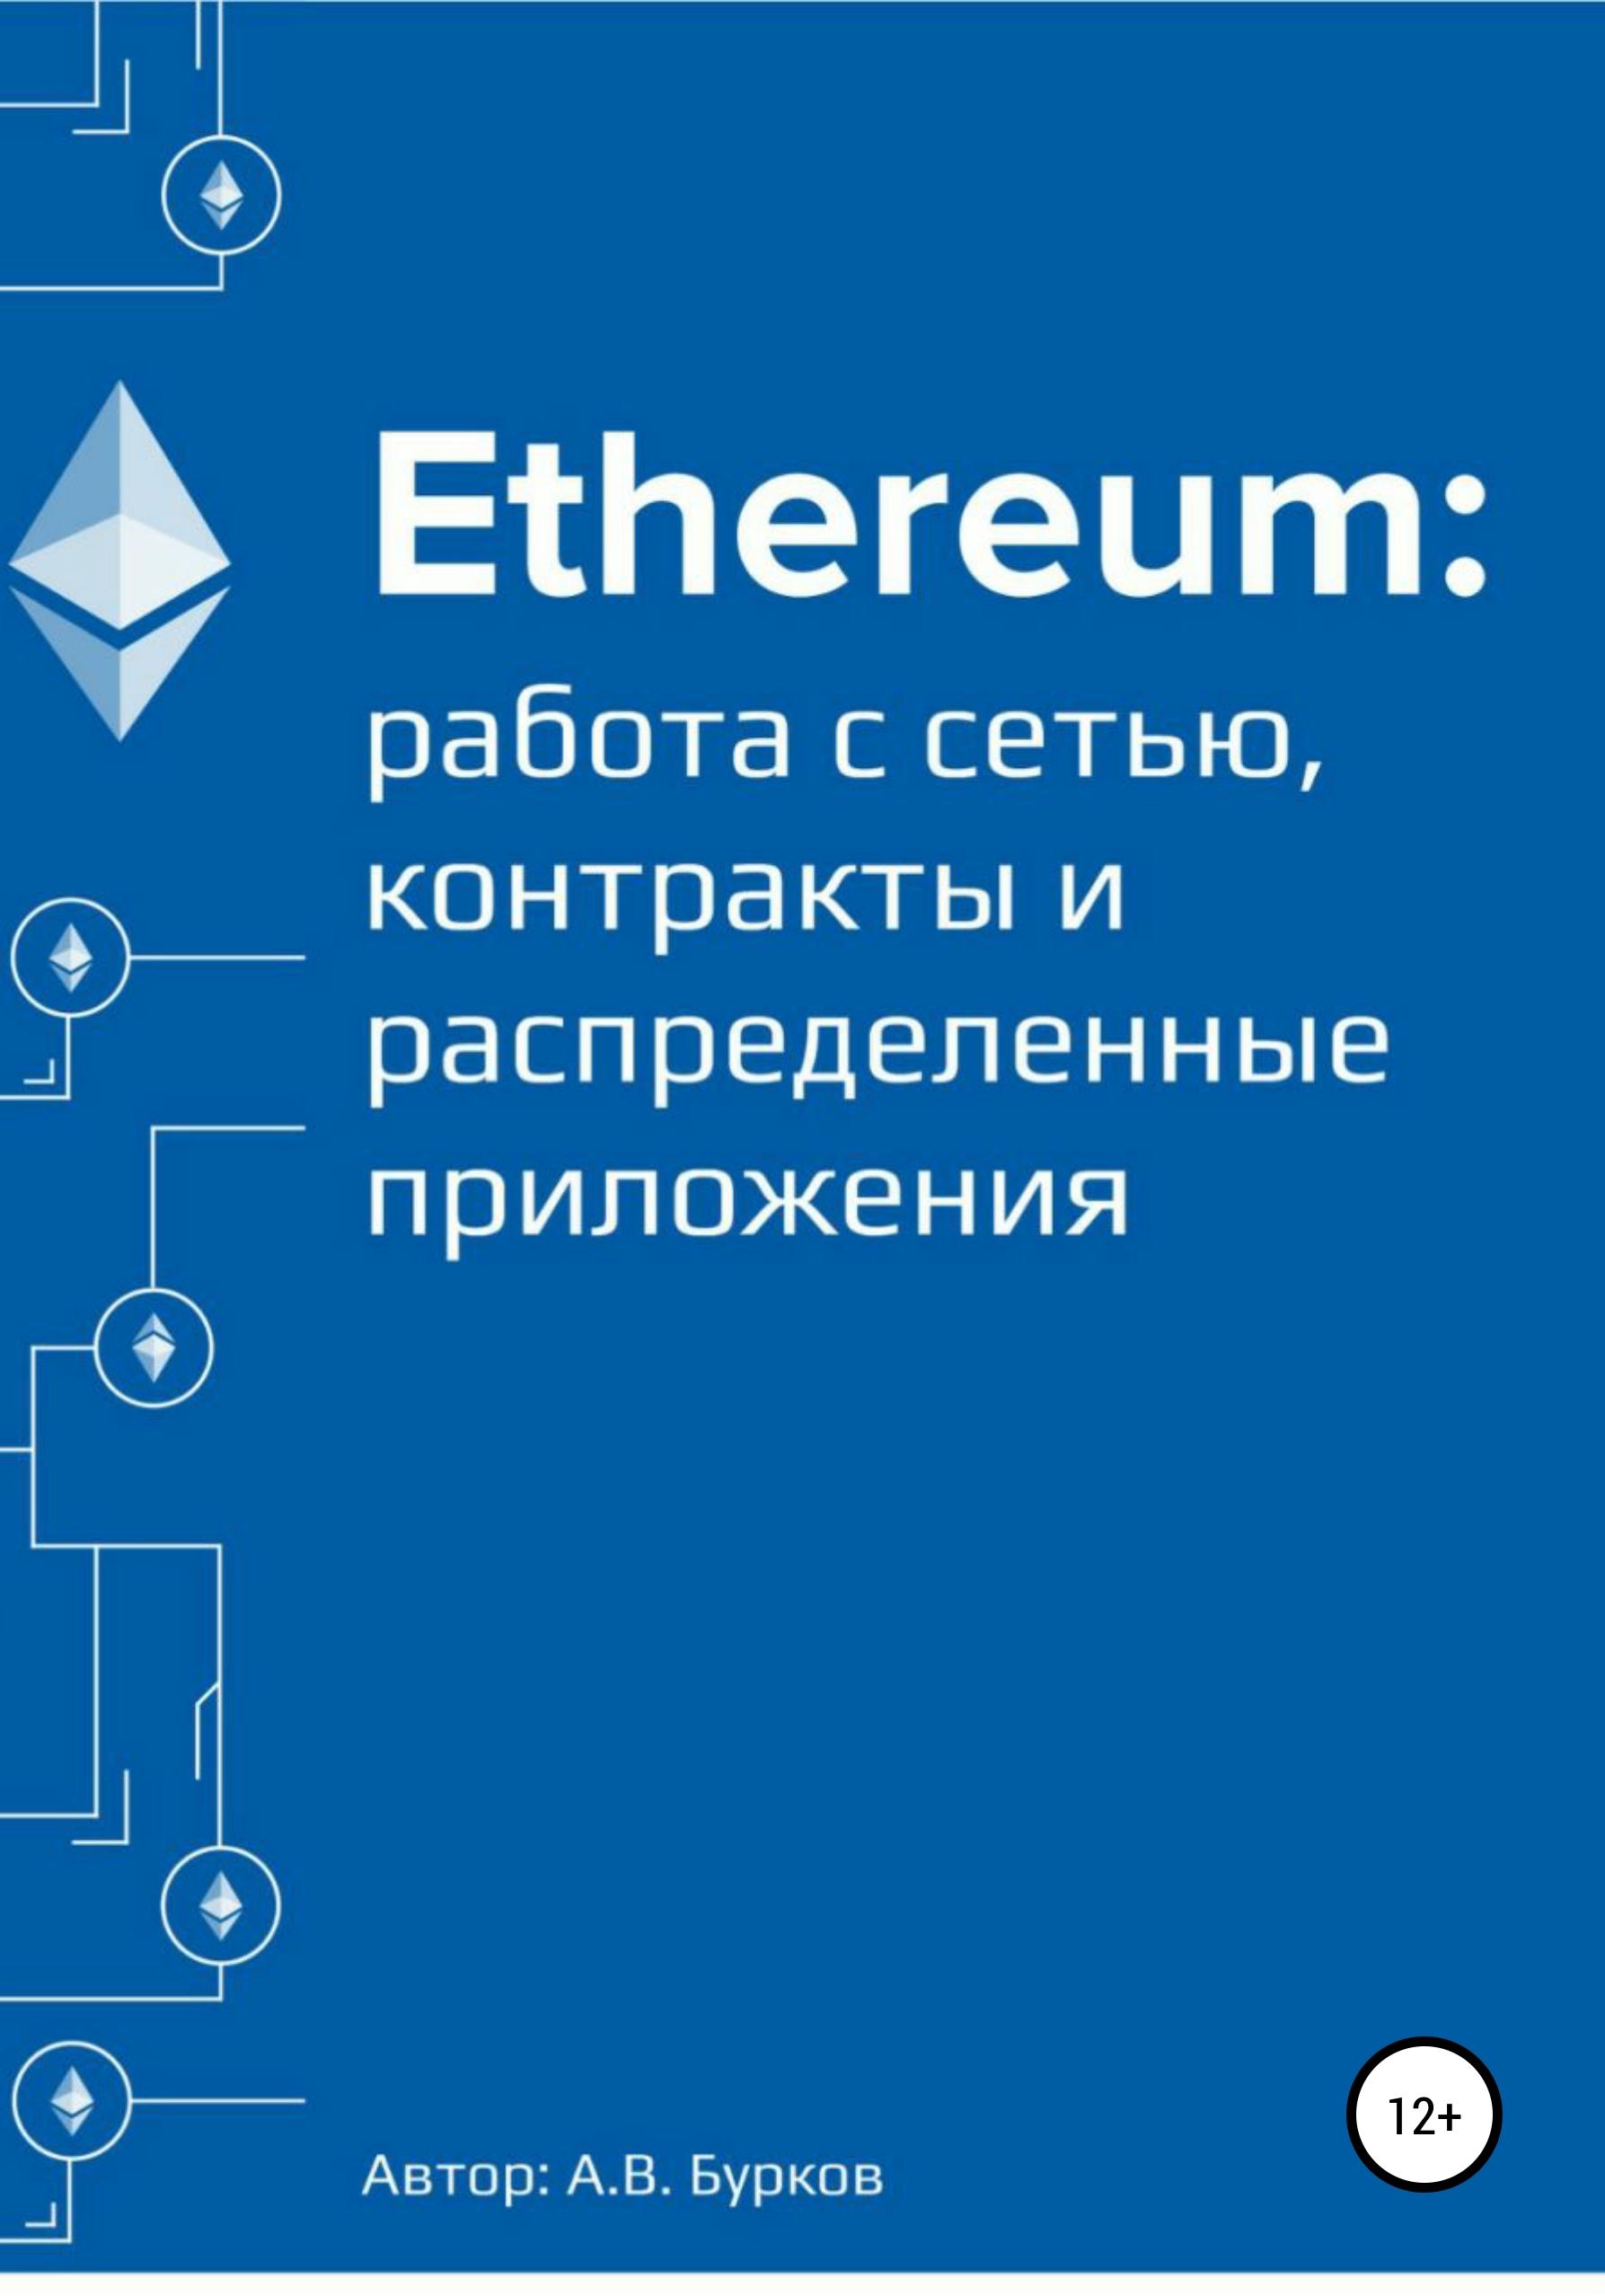 Ethereum: работа с сетью, смарт-контракты и распределенные приложения